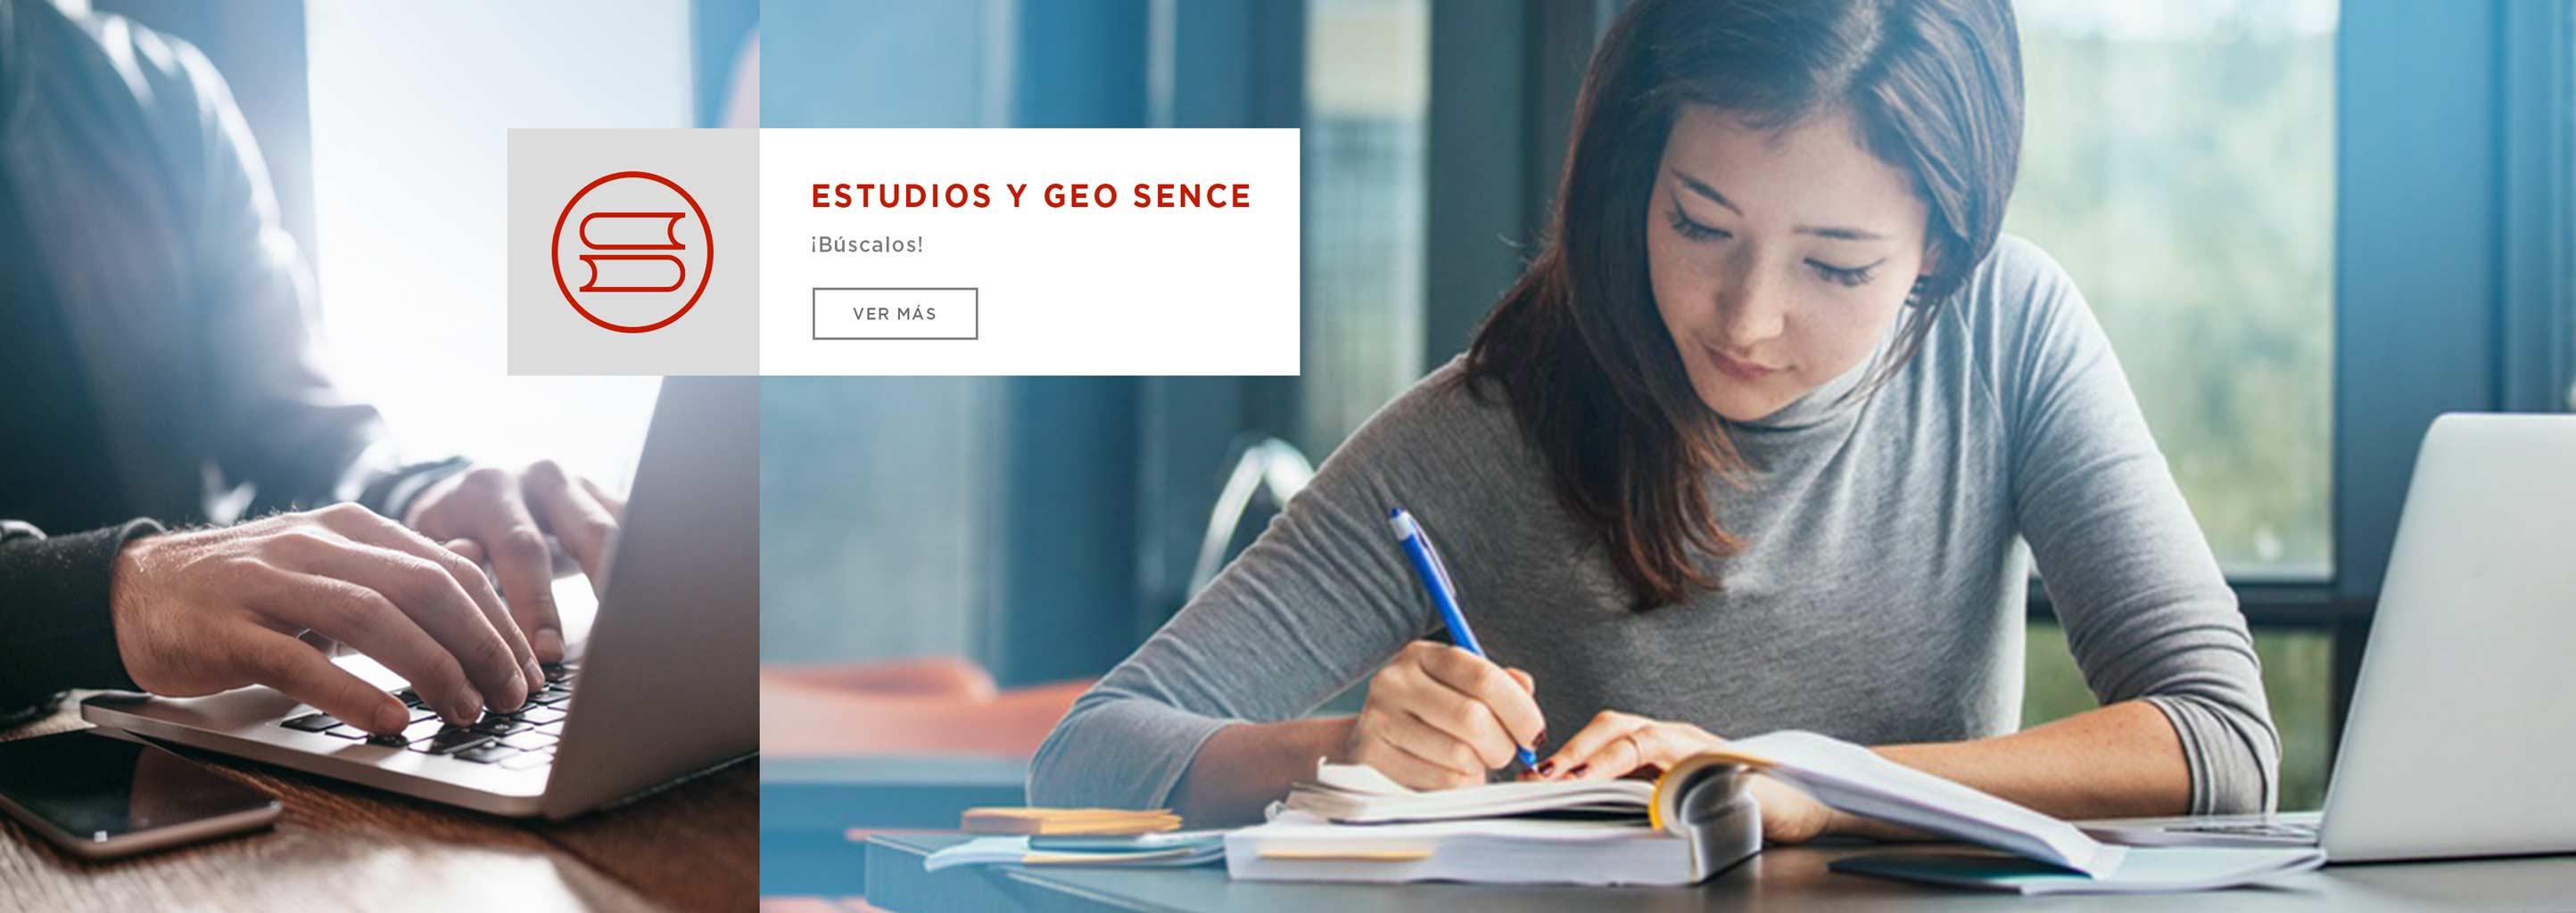 Estudios y GEO SENCE